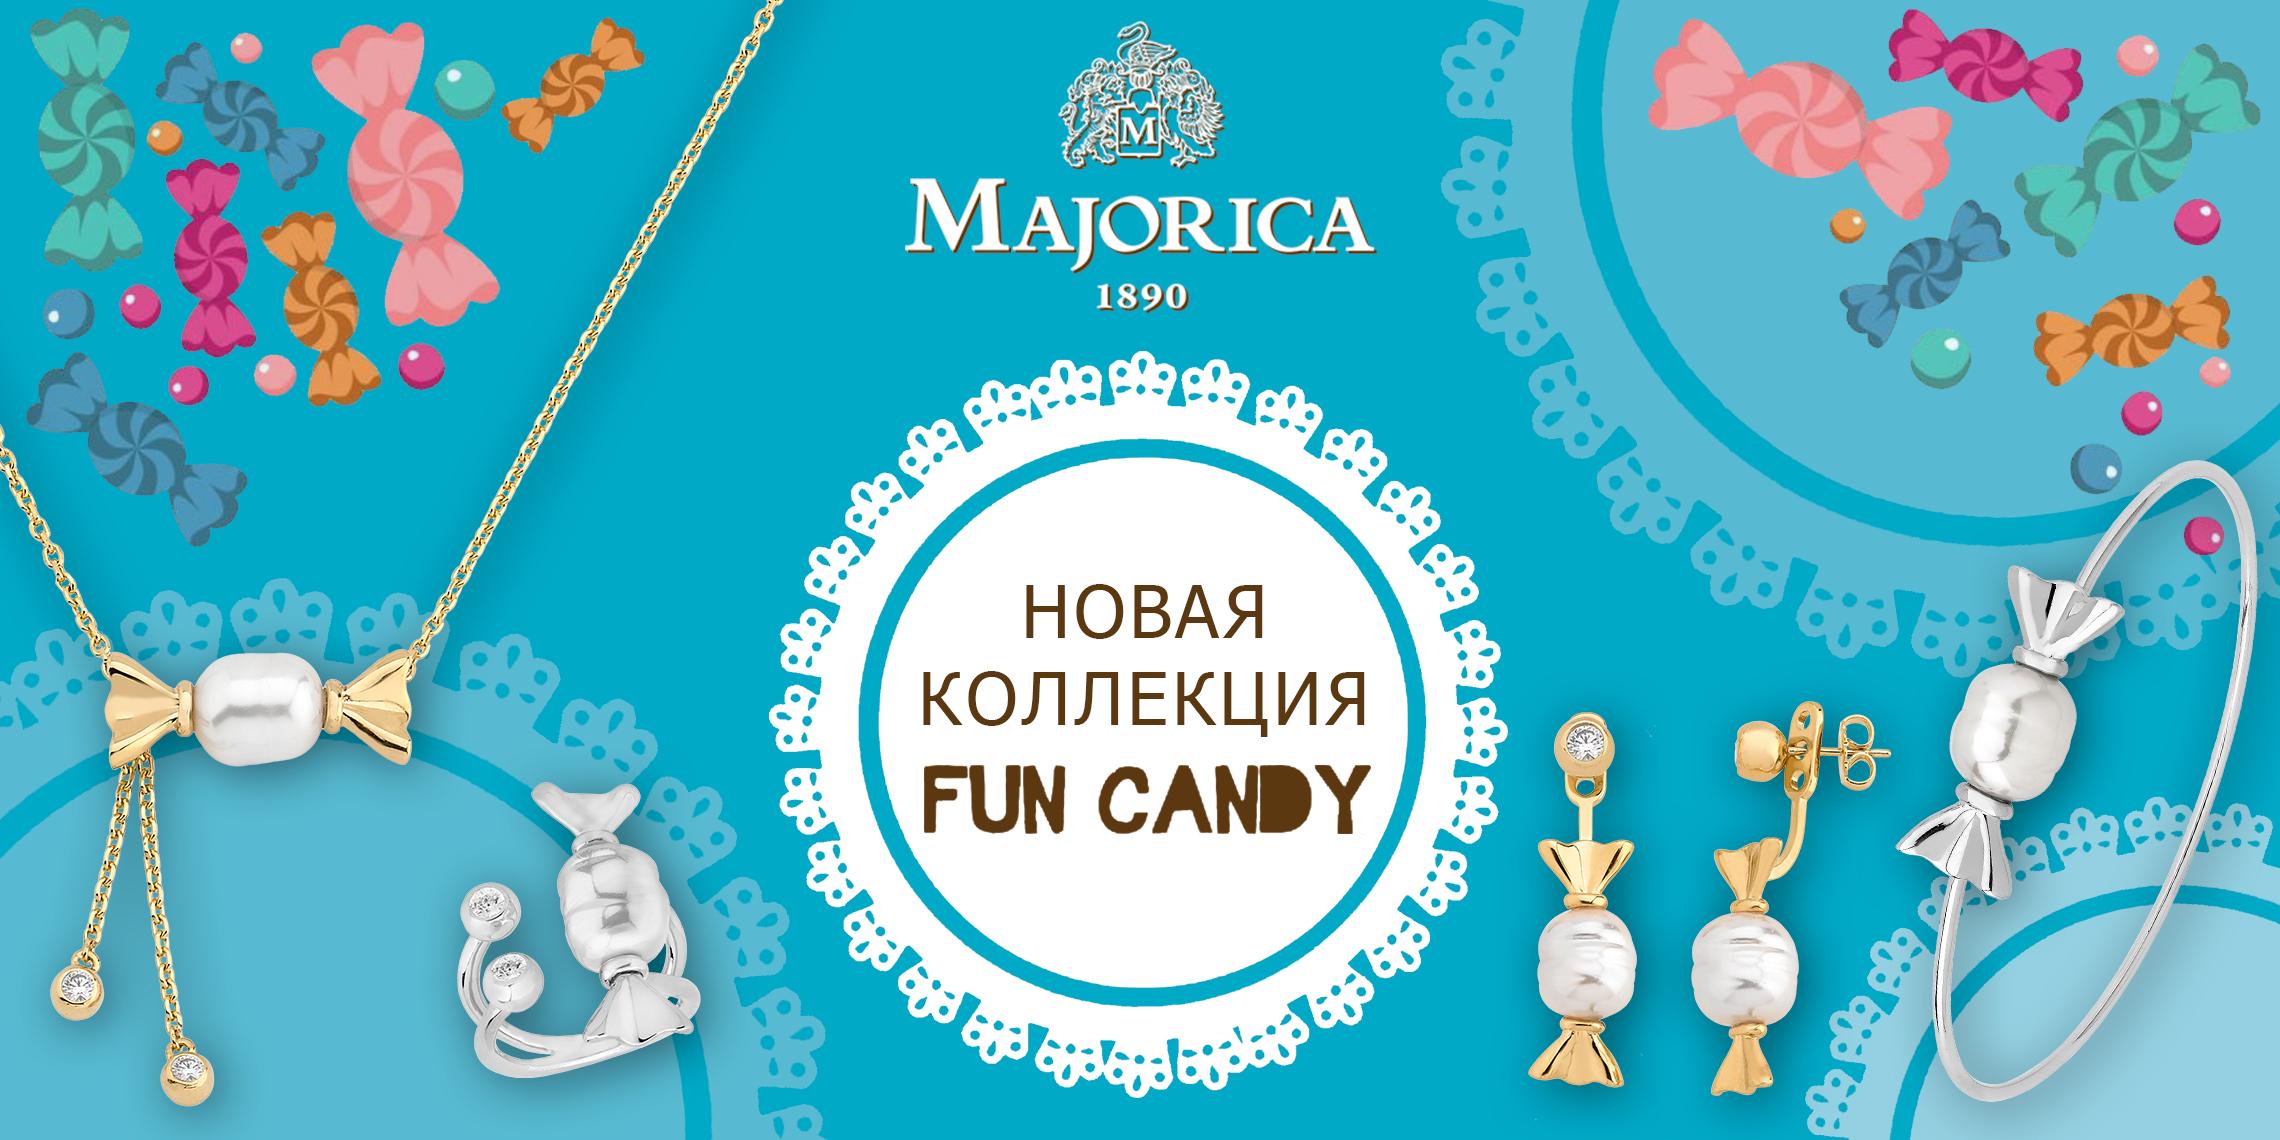 2280х1140_majorica_candy.jpg